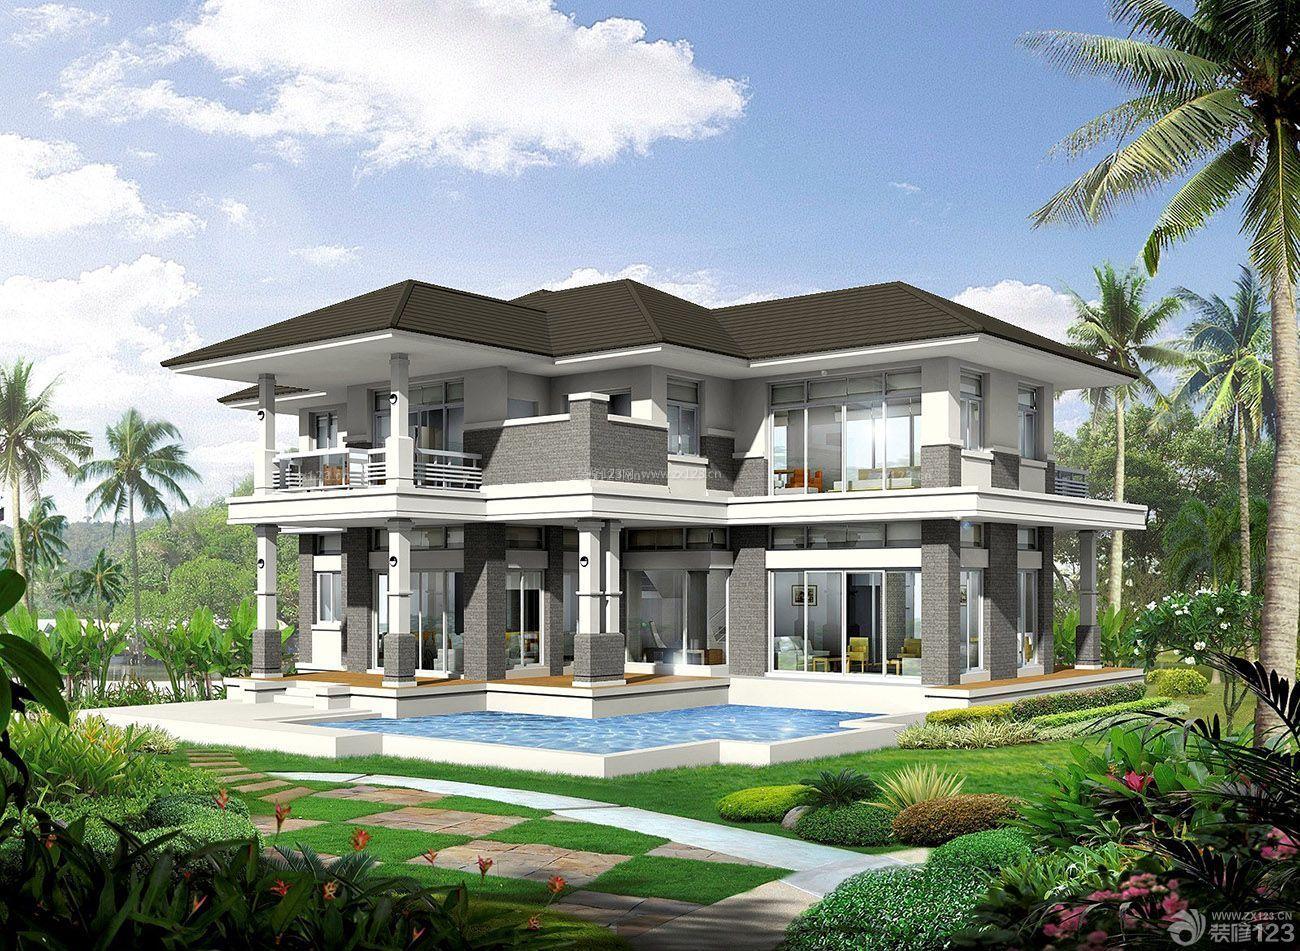 最新欧式豪华别墅外观装修图片大全图片